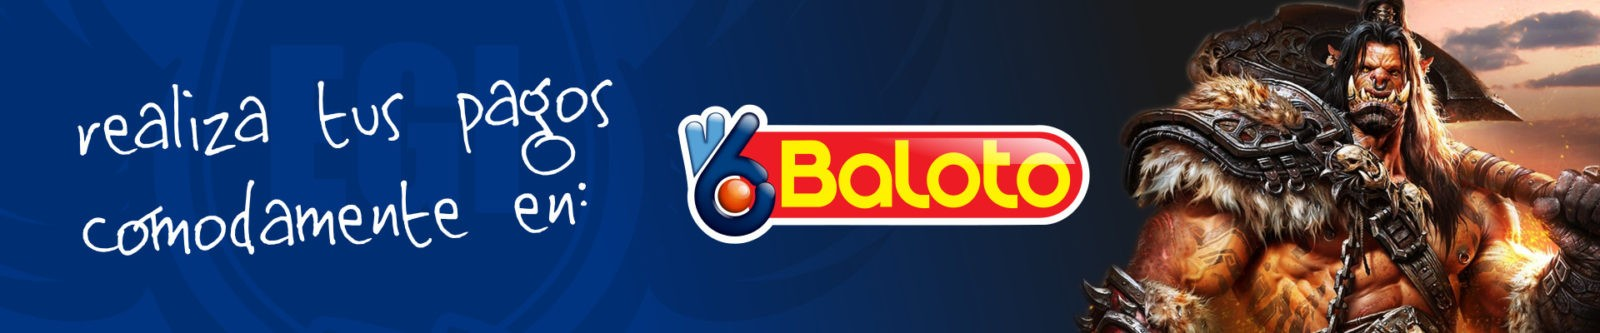 banner-via-baloto